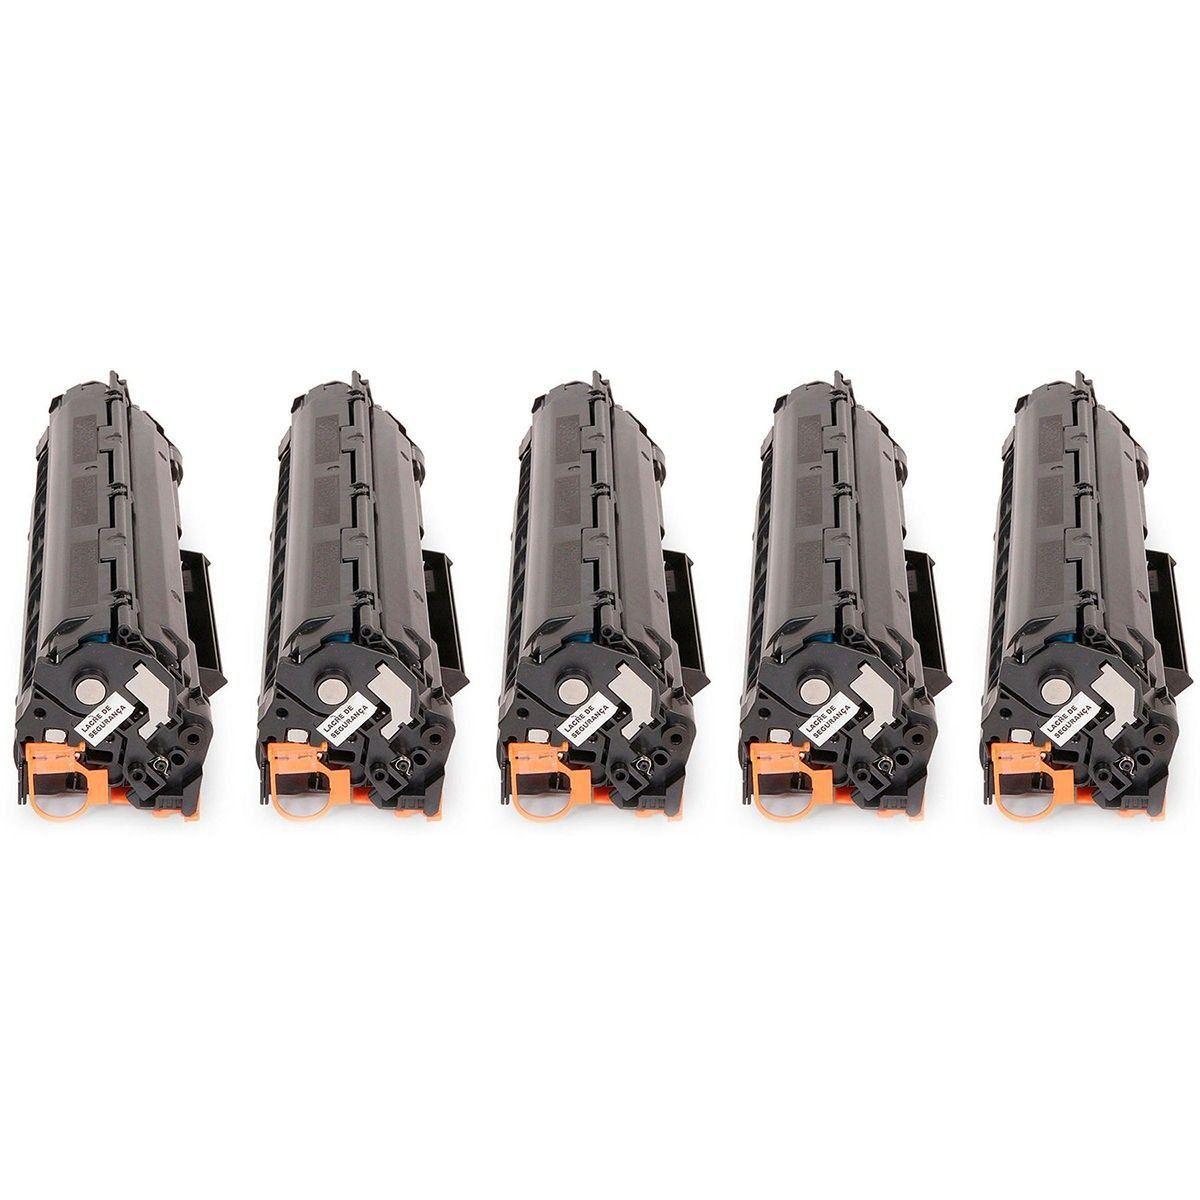 Compatível: Kit 5x Toner 35A 36A 85A para HP P1102W P1102 P1109W P1109 M1132 M1210 M1212 P1005 P1006 / Preto / 1.800